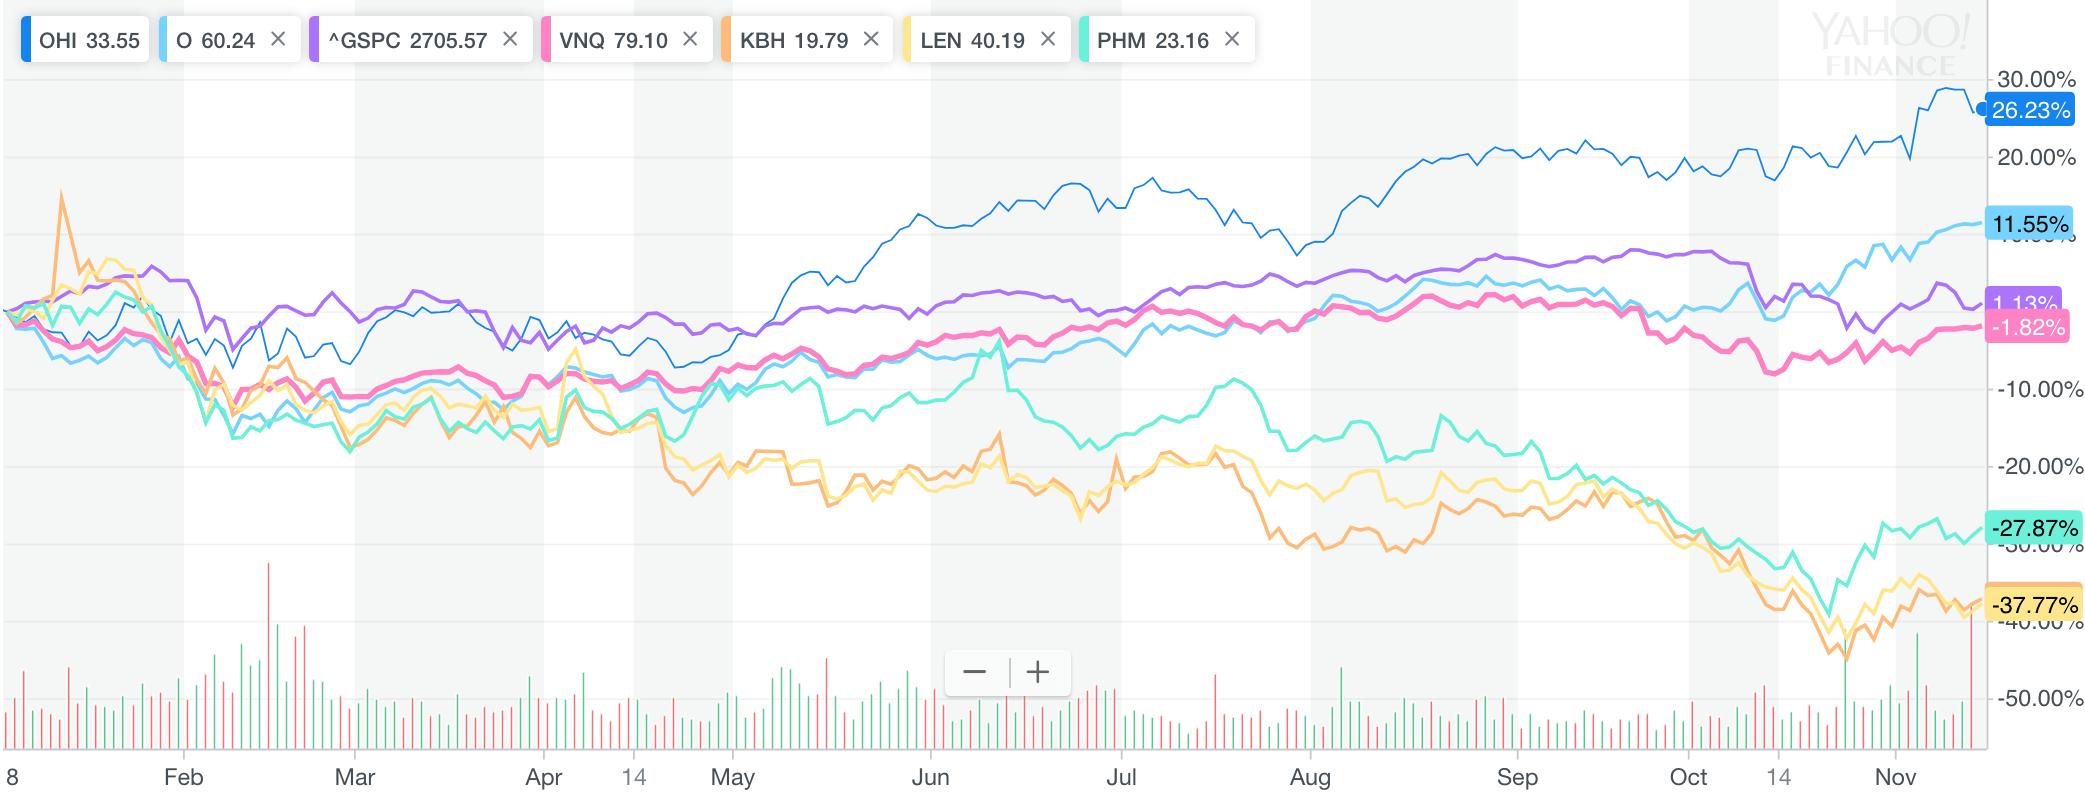 REIT versus S&P 500 versus REIT index fund VNQ versus home builders